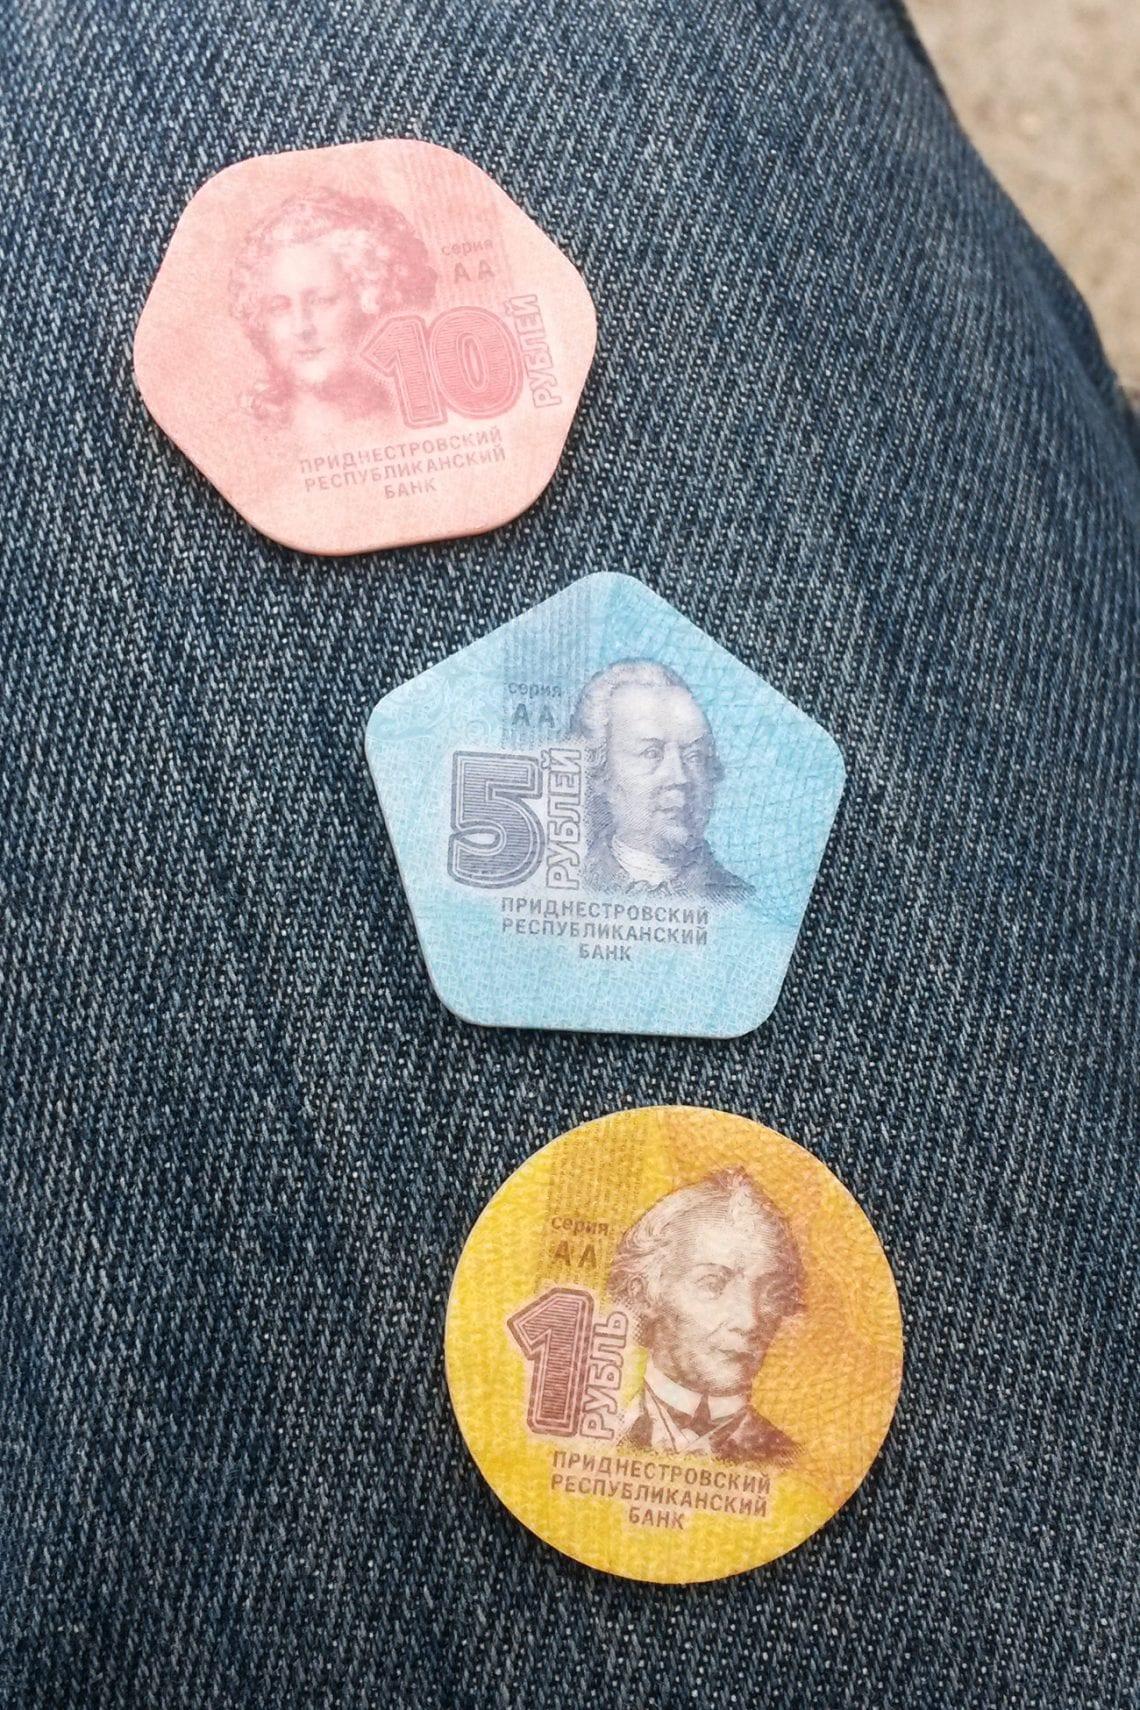 moldova plastic coins in transnistria